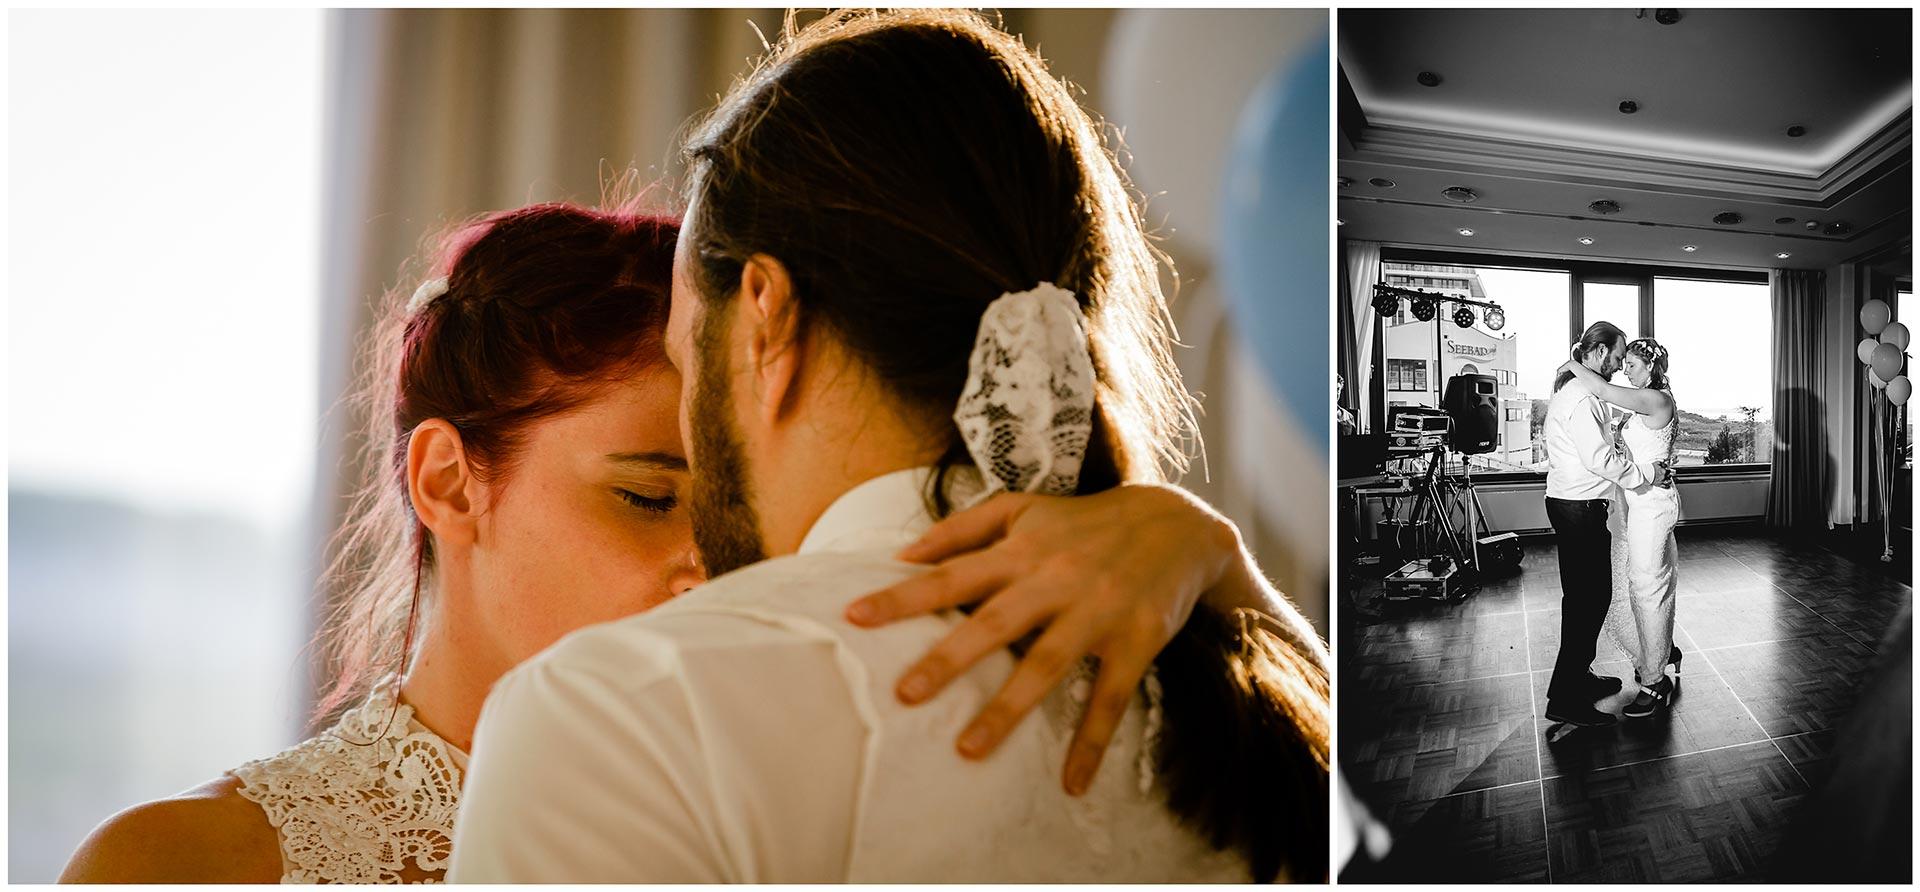 Brautpaar-eng-tanzend_Hochzeitstanz-Hochzeitsfotograf-Warnemuende-Hochzeitsfotograf-Rostock-Hochzeitsfotograf-Ostseebad-Warnemuende